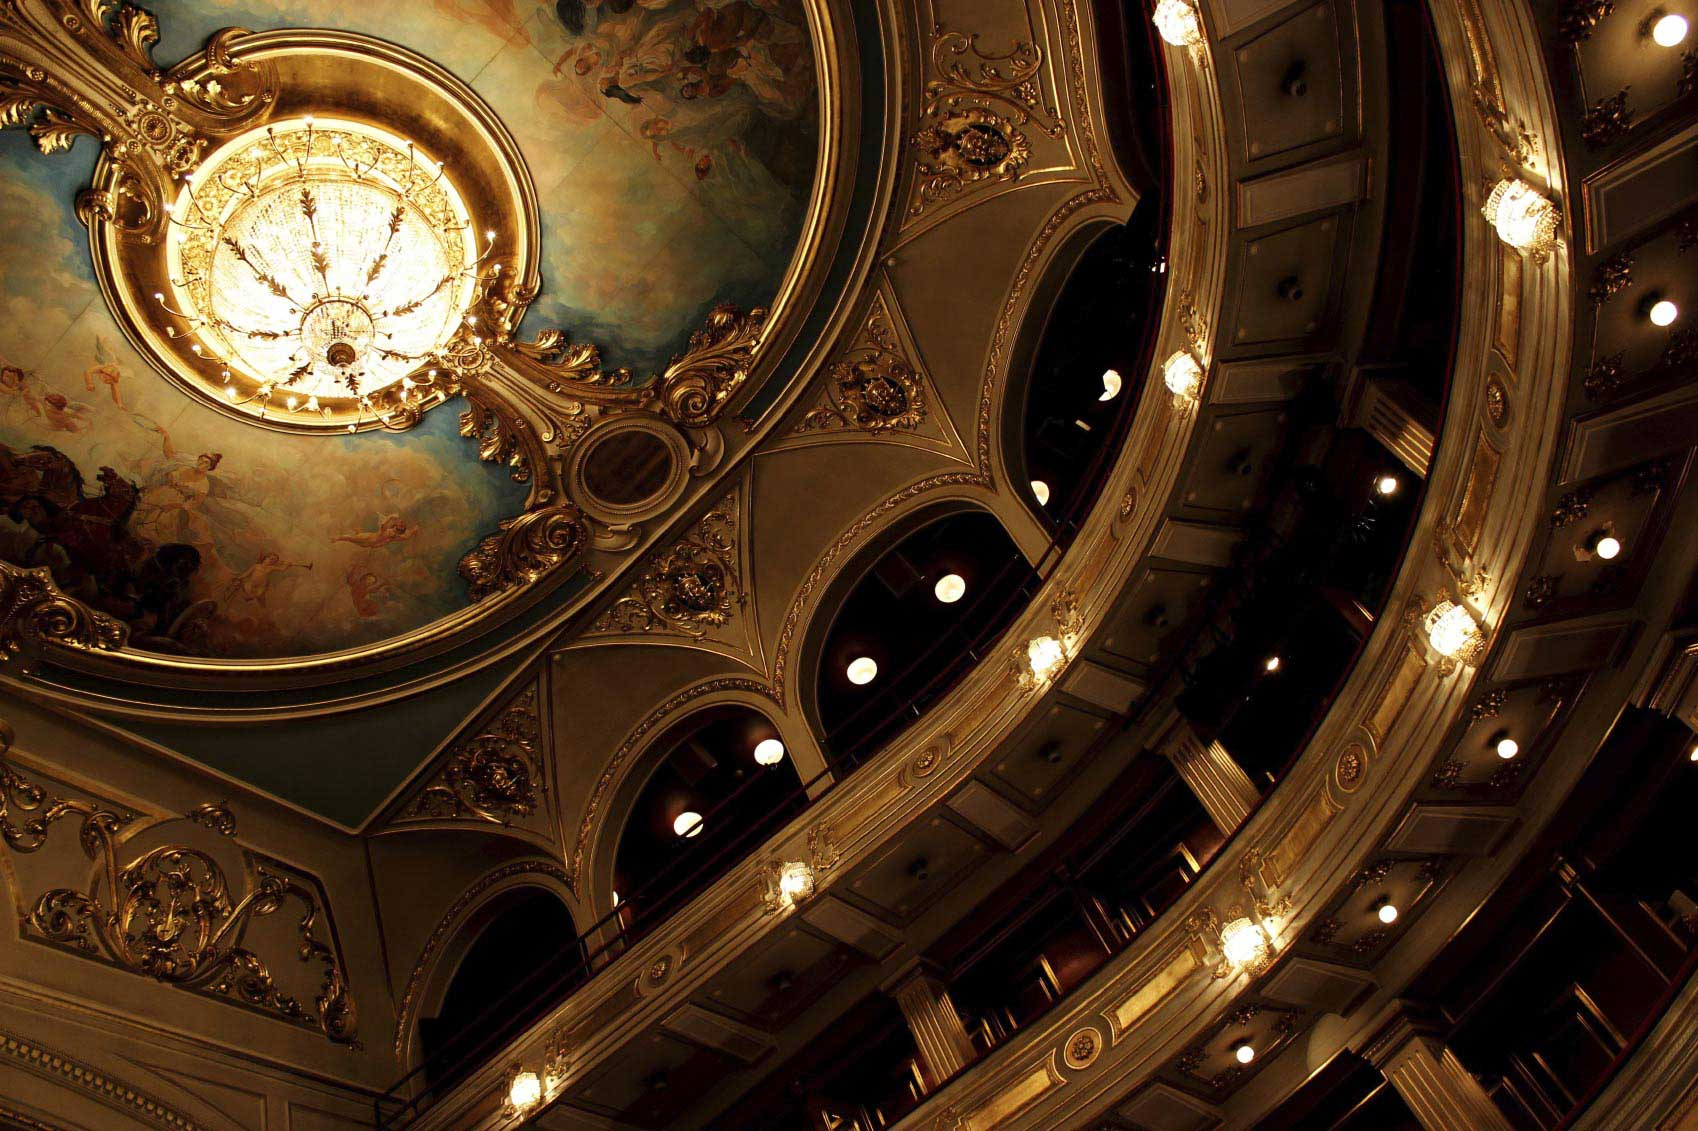 Aller à l'opéra